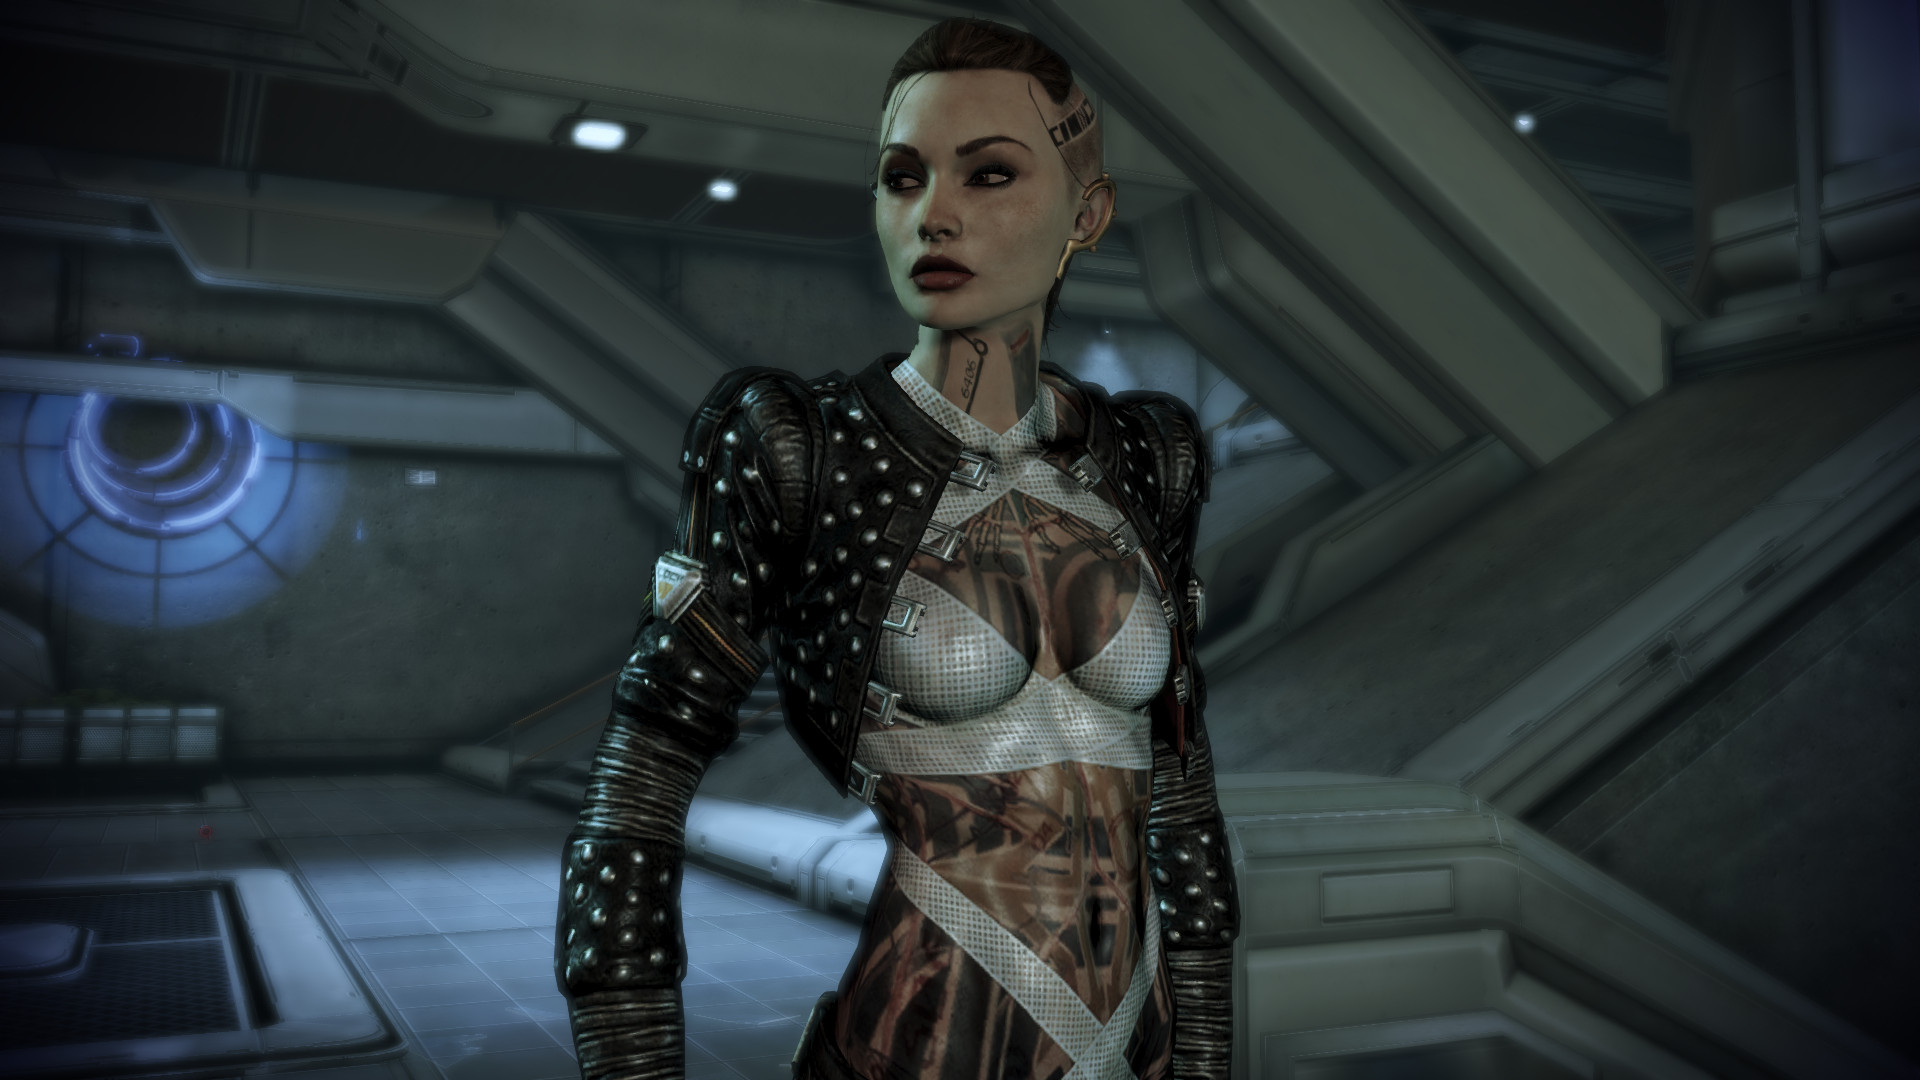 Из Mass Effect 2 вырезали однополые отношения с Джек из-за критики первой части на телевидении в США